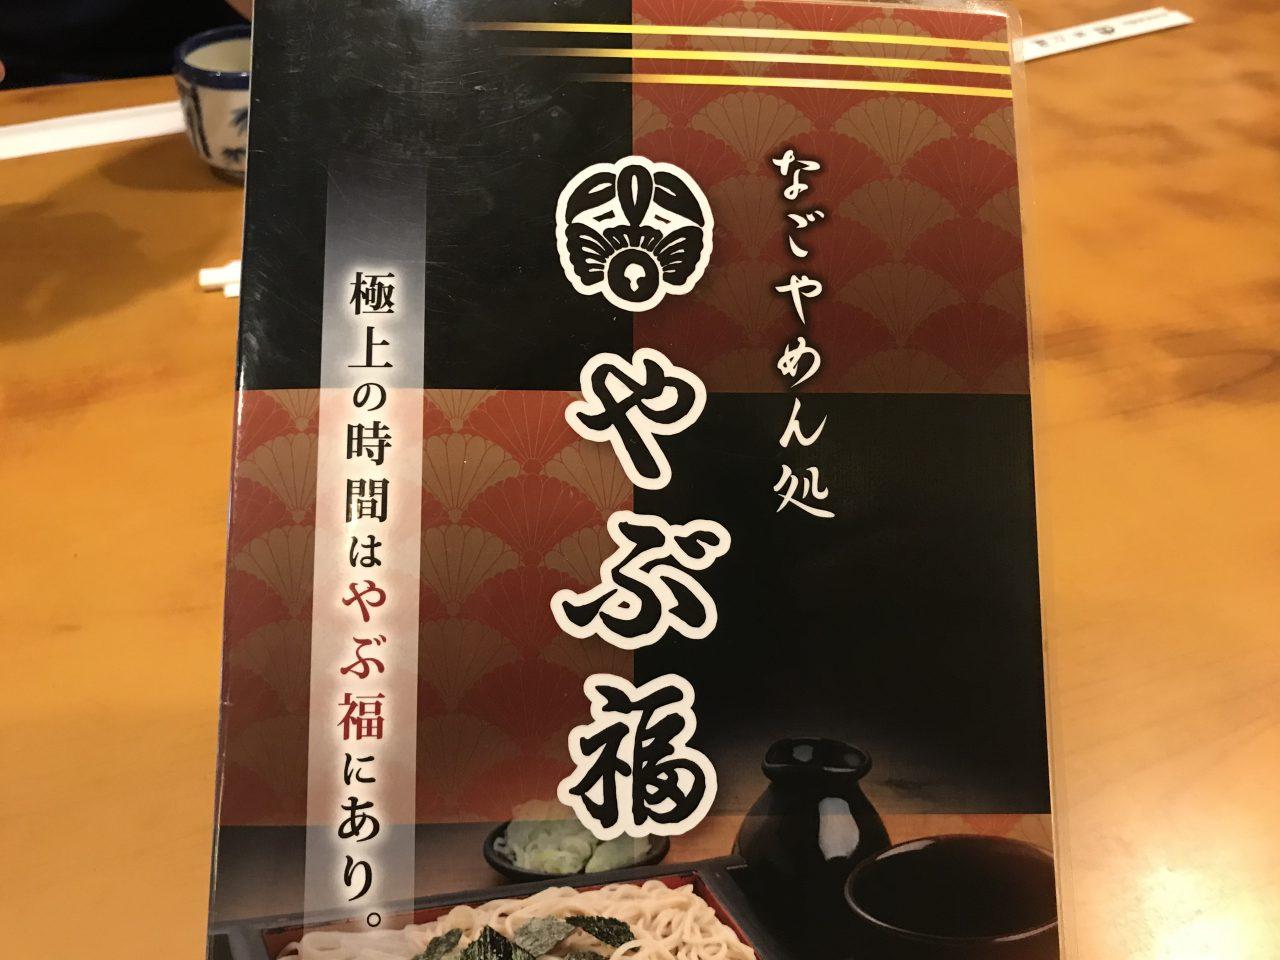 名古屋駅エスカ、朝10時から食事ができるやぶ福